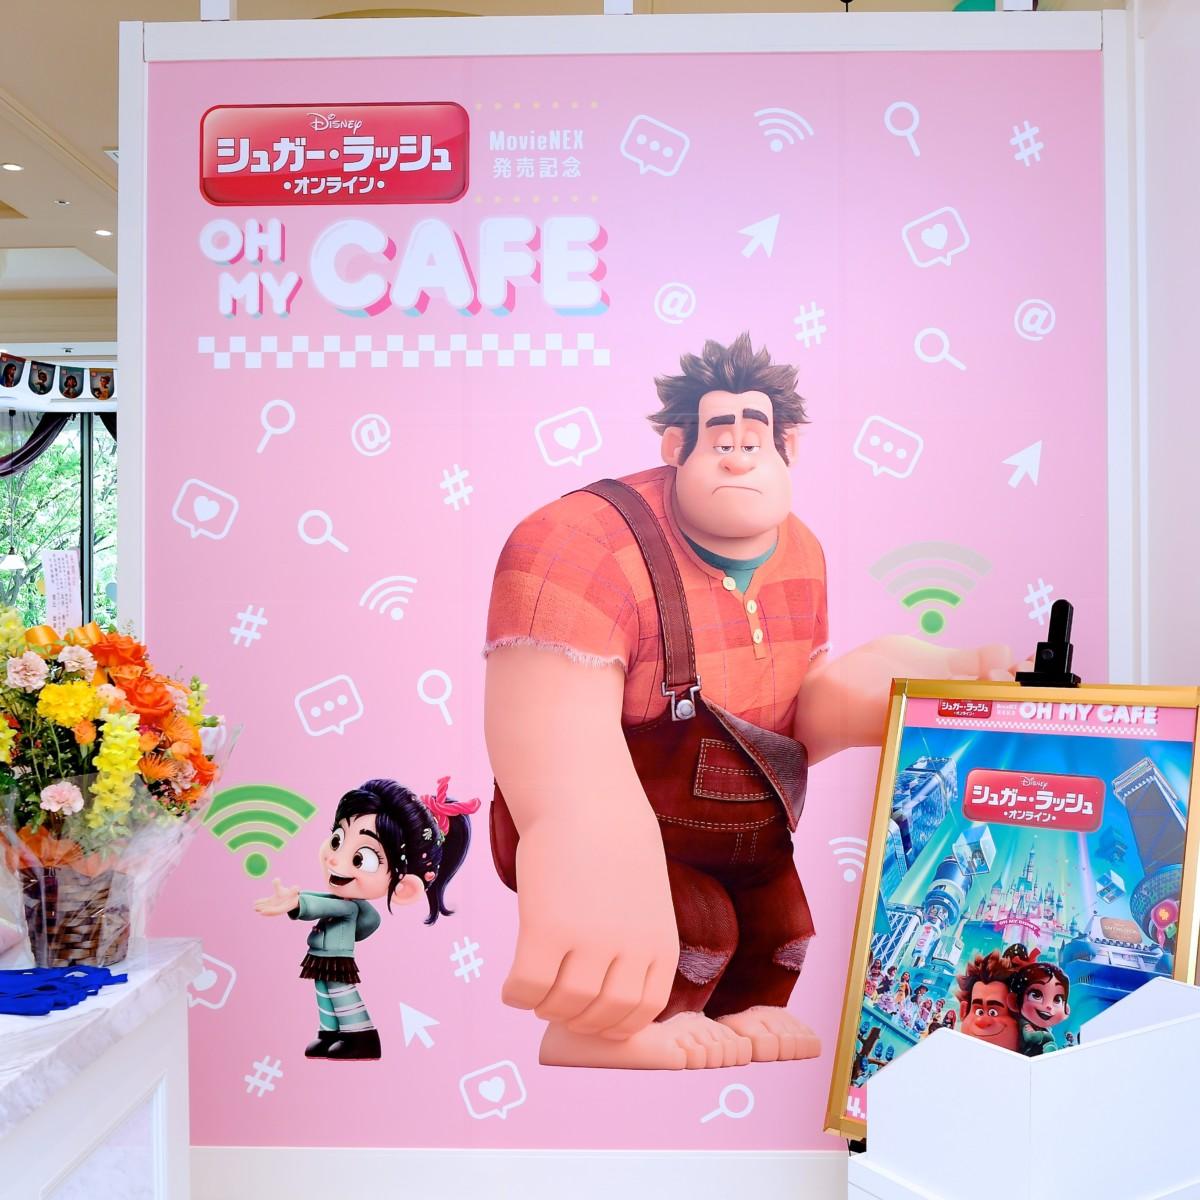 シュガー・ラッシュ:オンライン』MovieNEX発売記念OH MY CAFE